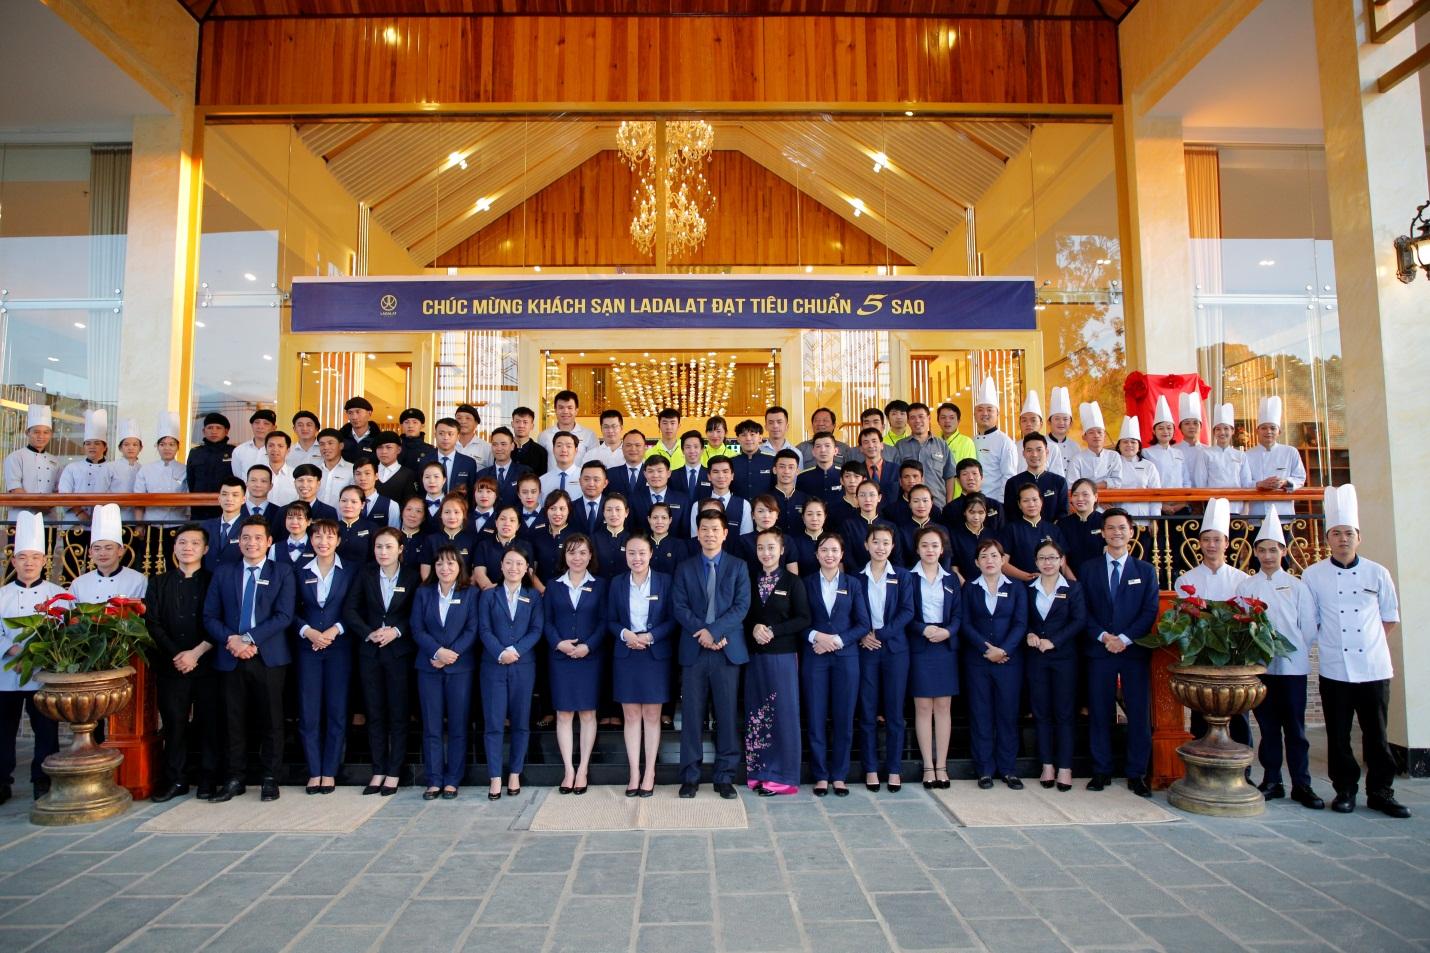 Khách sạn Ladalat chính thức được công nhận là khách sạn 5 sao - Ảnh 2.